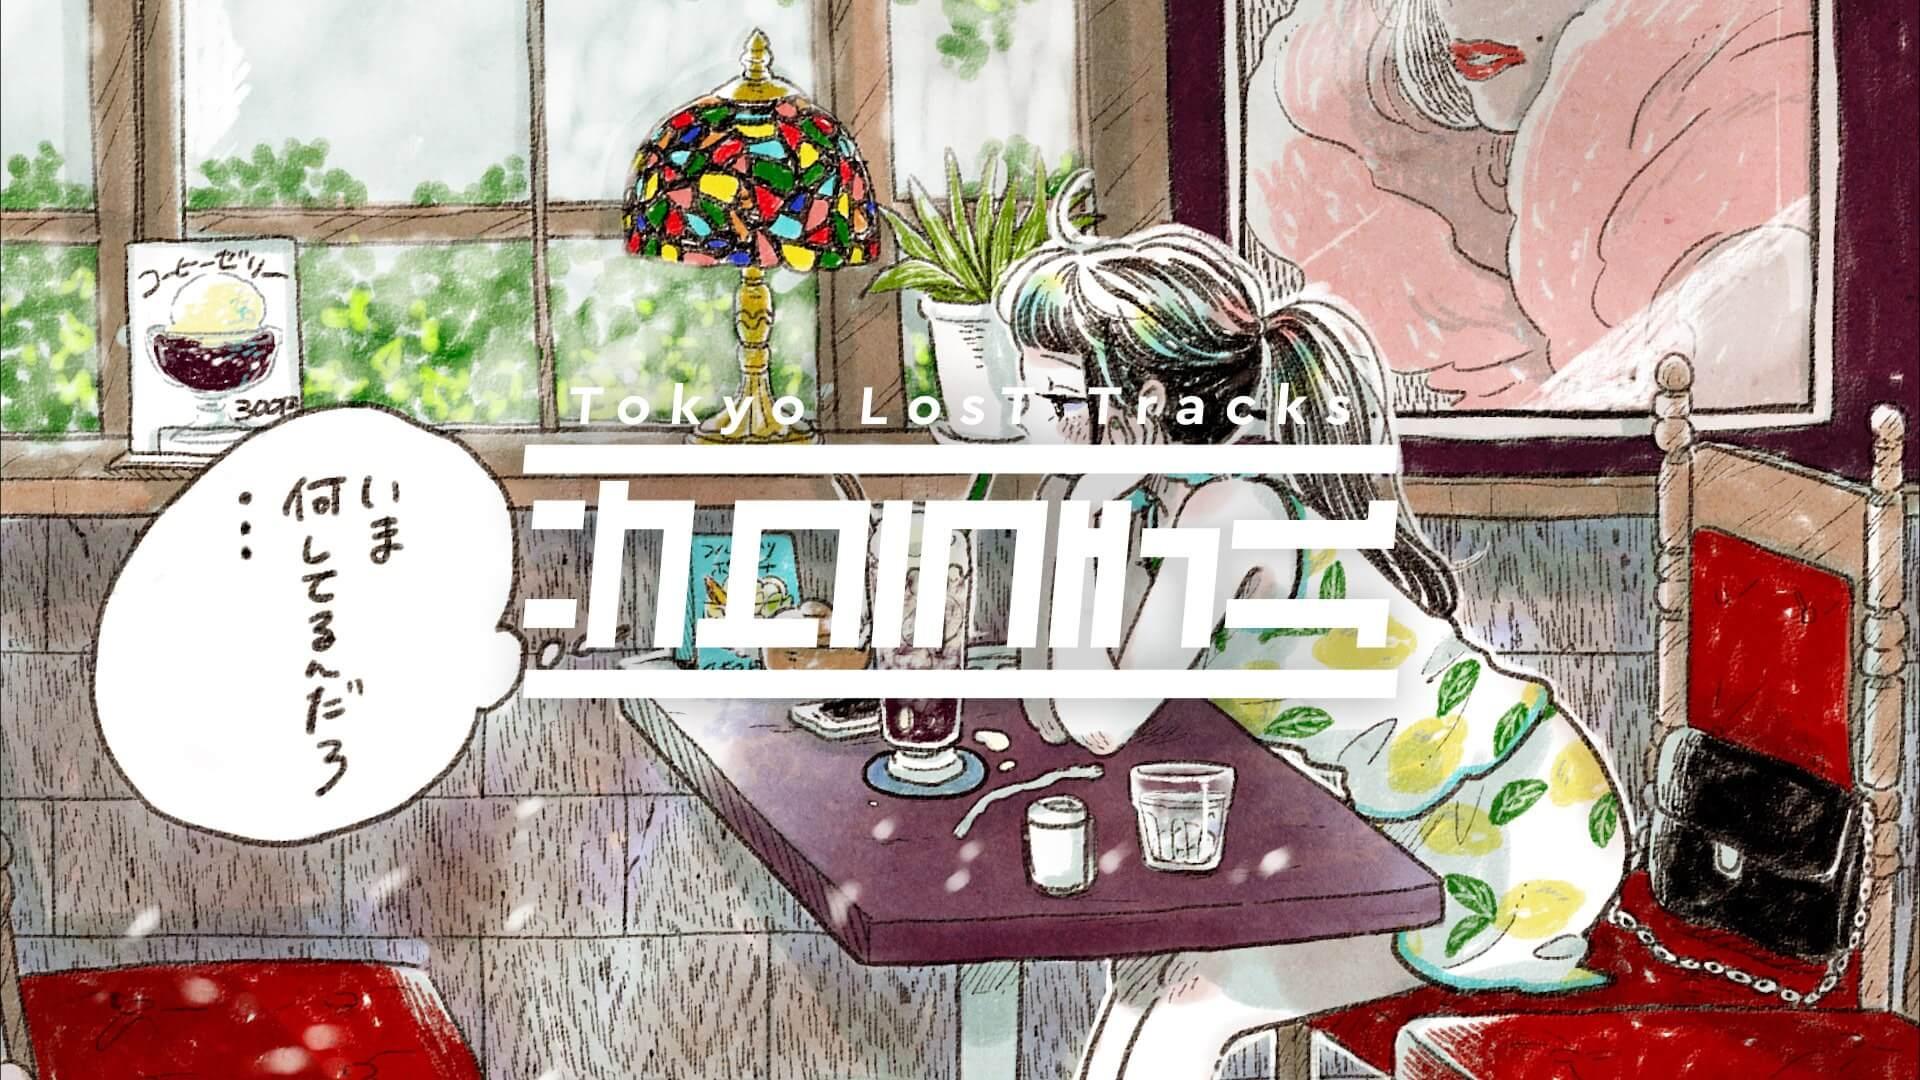 Stay Homeのお供に!Lo-Fi Beatsチャンネル「Tokyo LosT Tracks -サクラチル-」に新曲&新イラスト追加 music200514_sakurachill_03